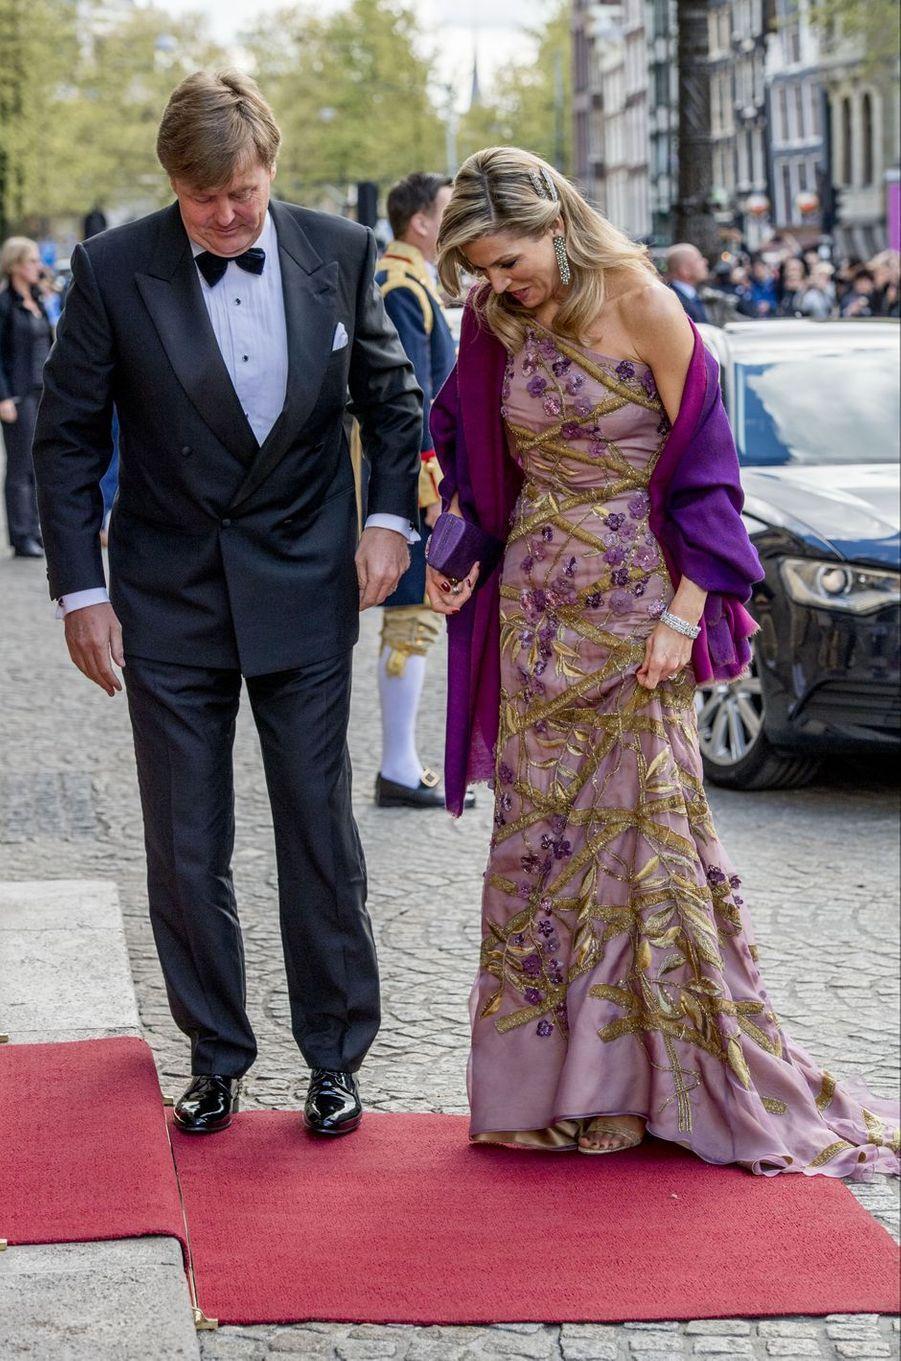 La reine Maxima et le roi Willem-Alexander des Pays-Bas dans une robe Jan Taminau à Amsterdam, le 28 avril 2017